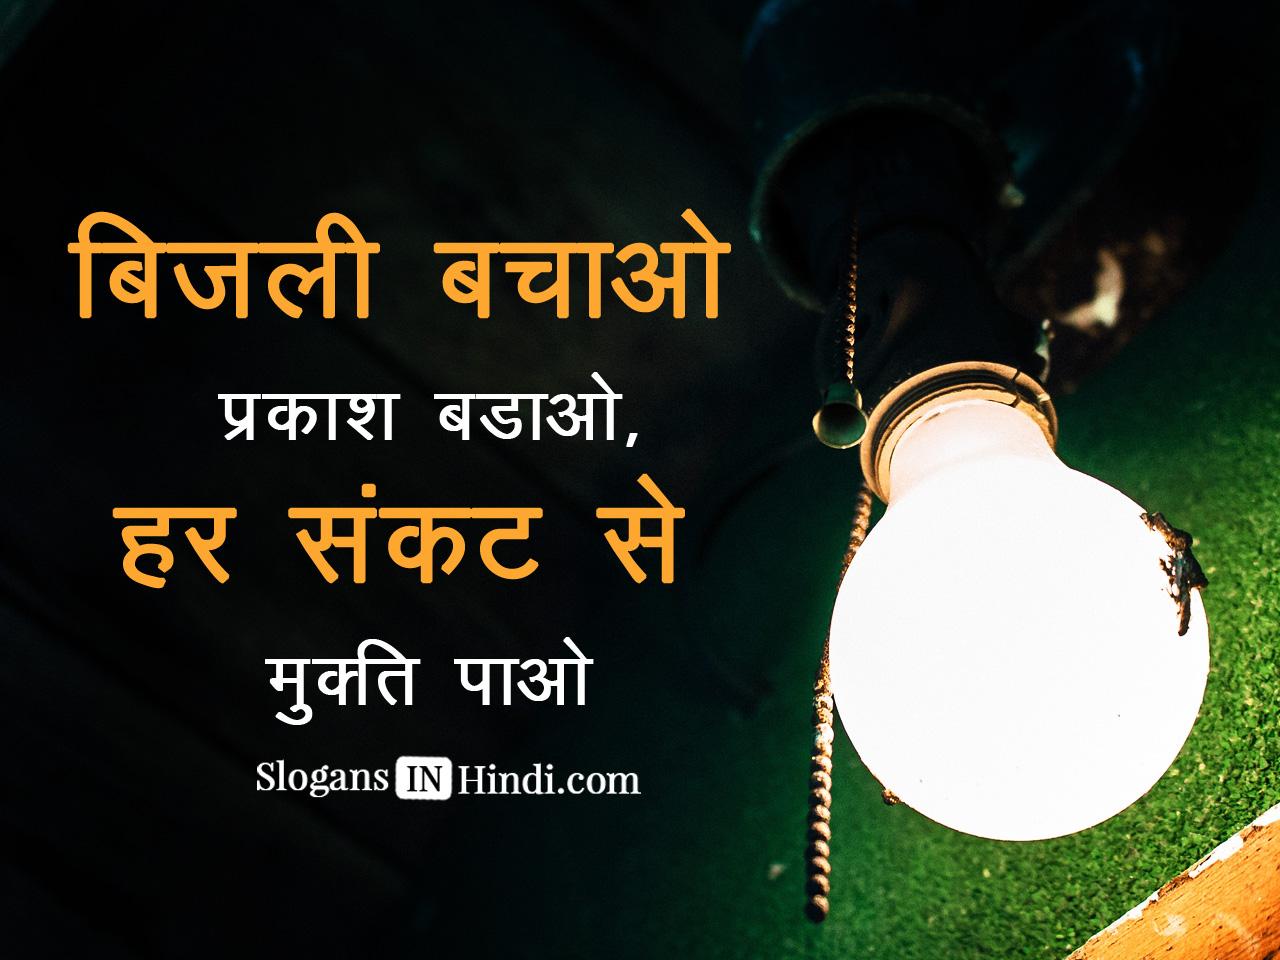 Save Electricity Slogan Hindi